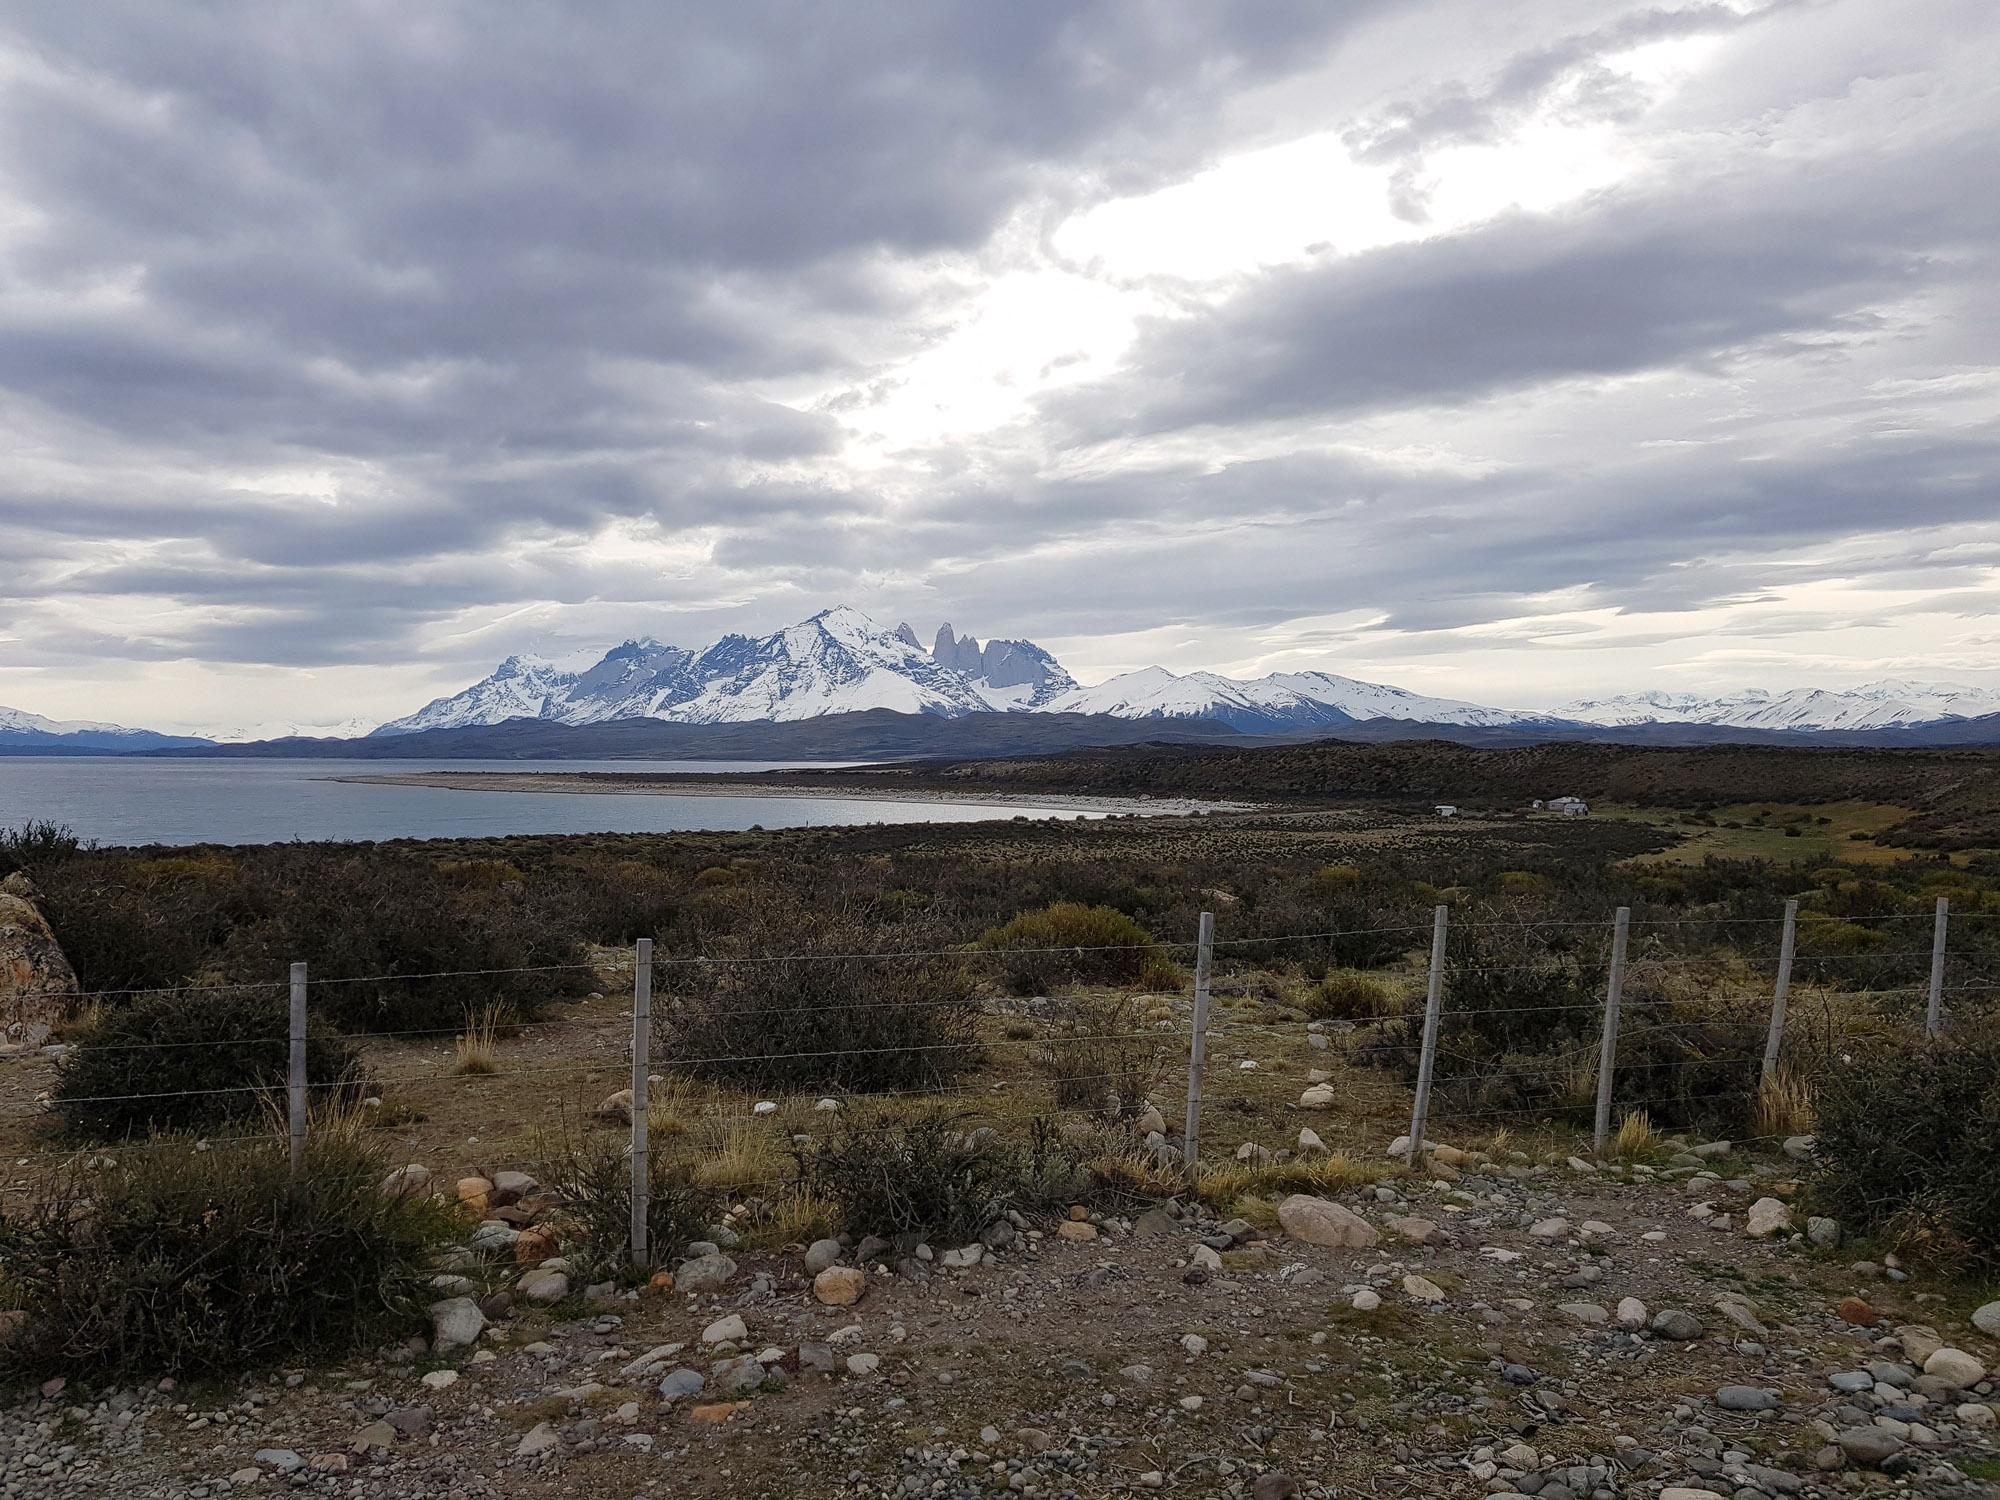 """Und endlich, auf der Busfahrt zurück aus dem Nationalpark, tauchen sie auf, die """"Torres del Paine"""", die """"Türme des blauen Himmels"""""""